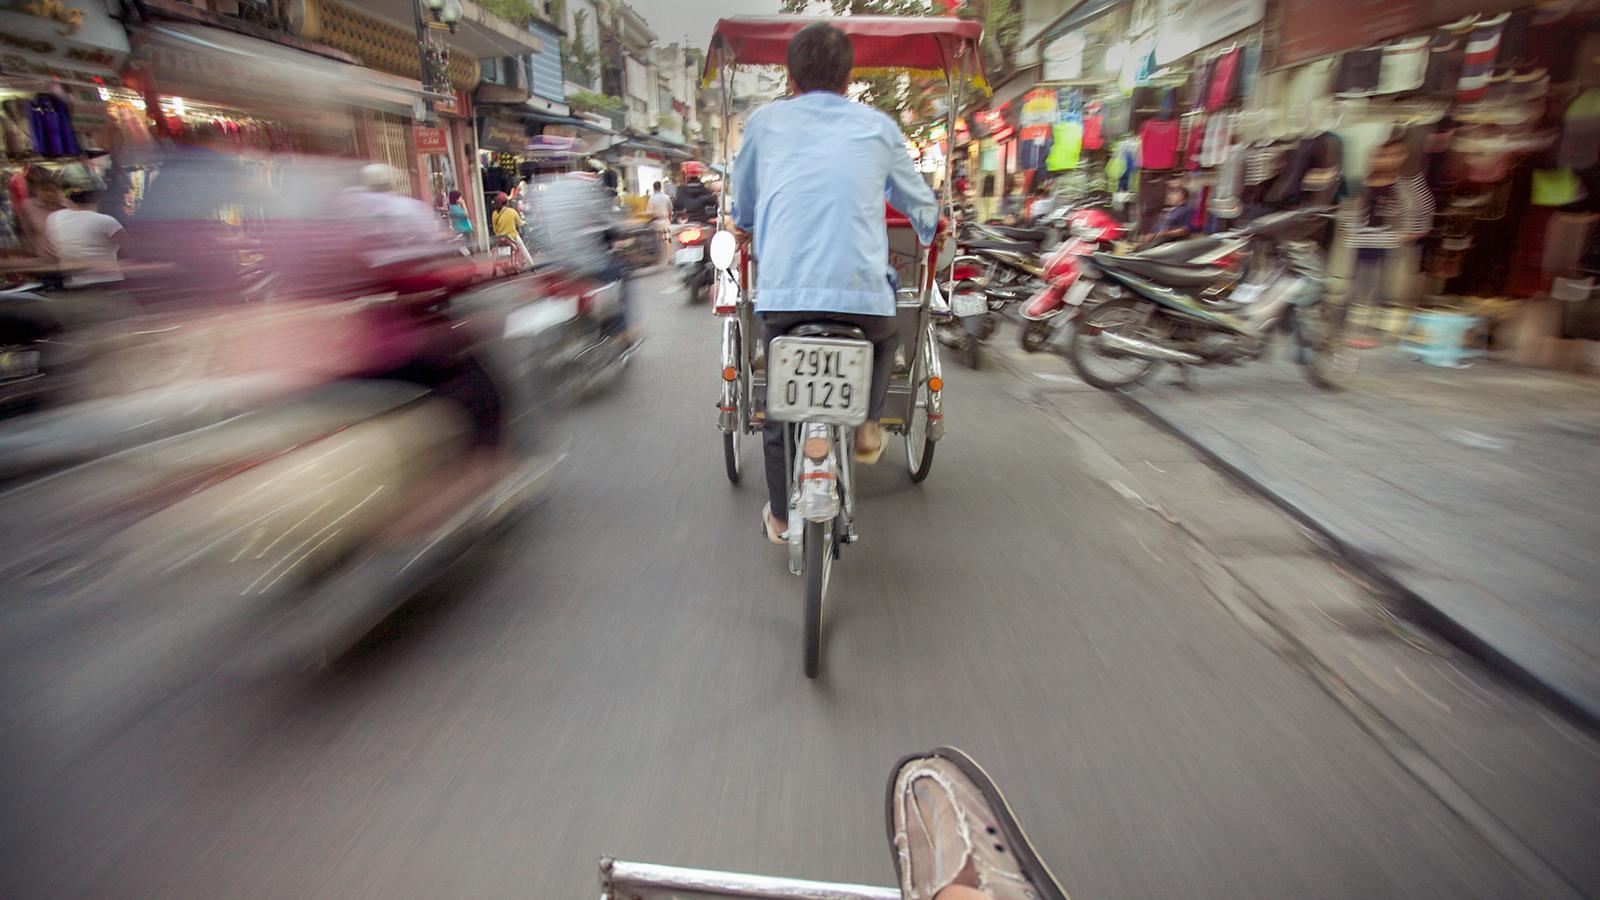 Straße in Hanoi in Vietnam. Mit dem Fahrrad durch Vietnam.